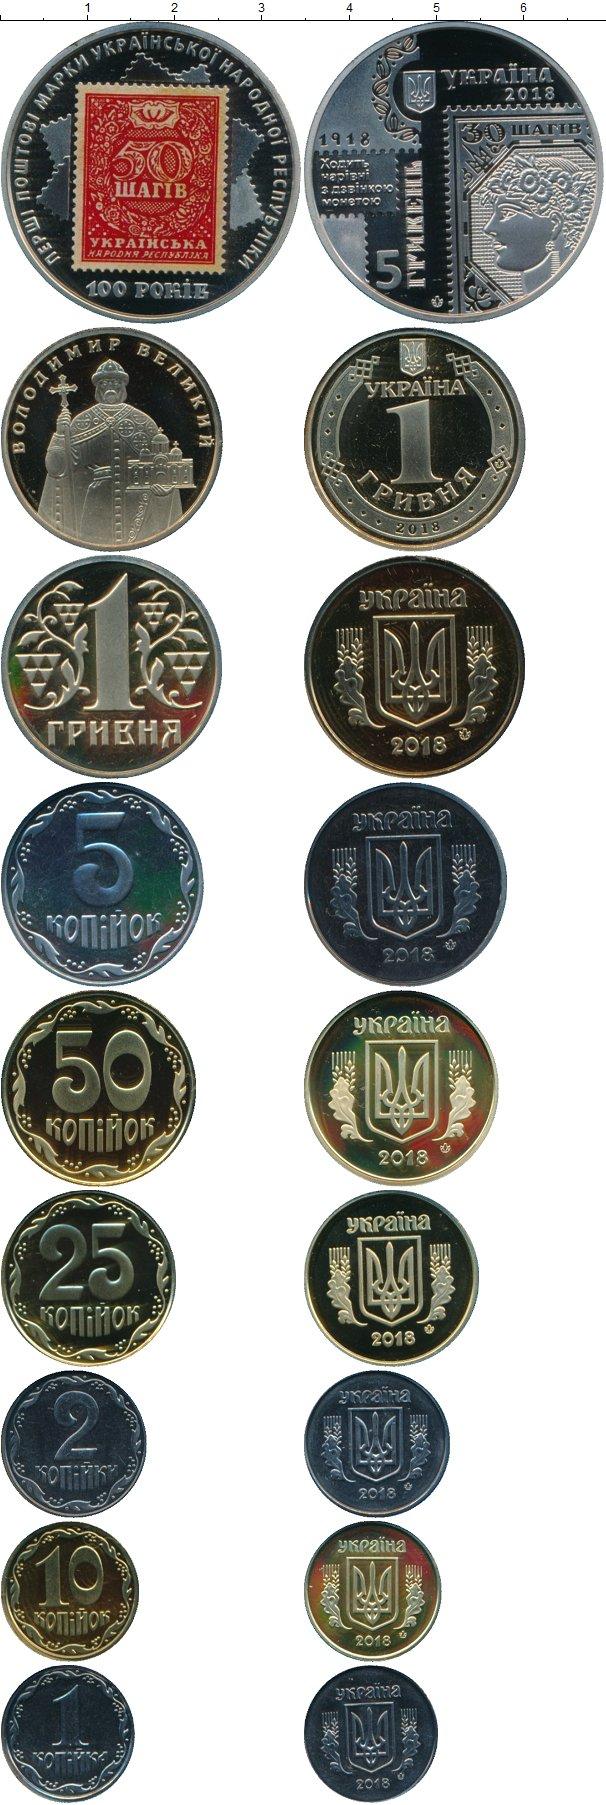 Набор монет Украина Набор 2018 года 2018 Proof фото 2